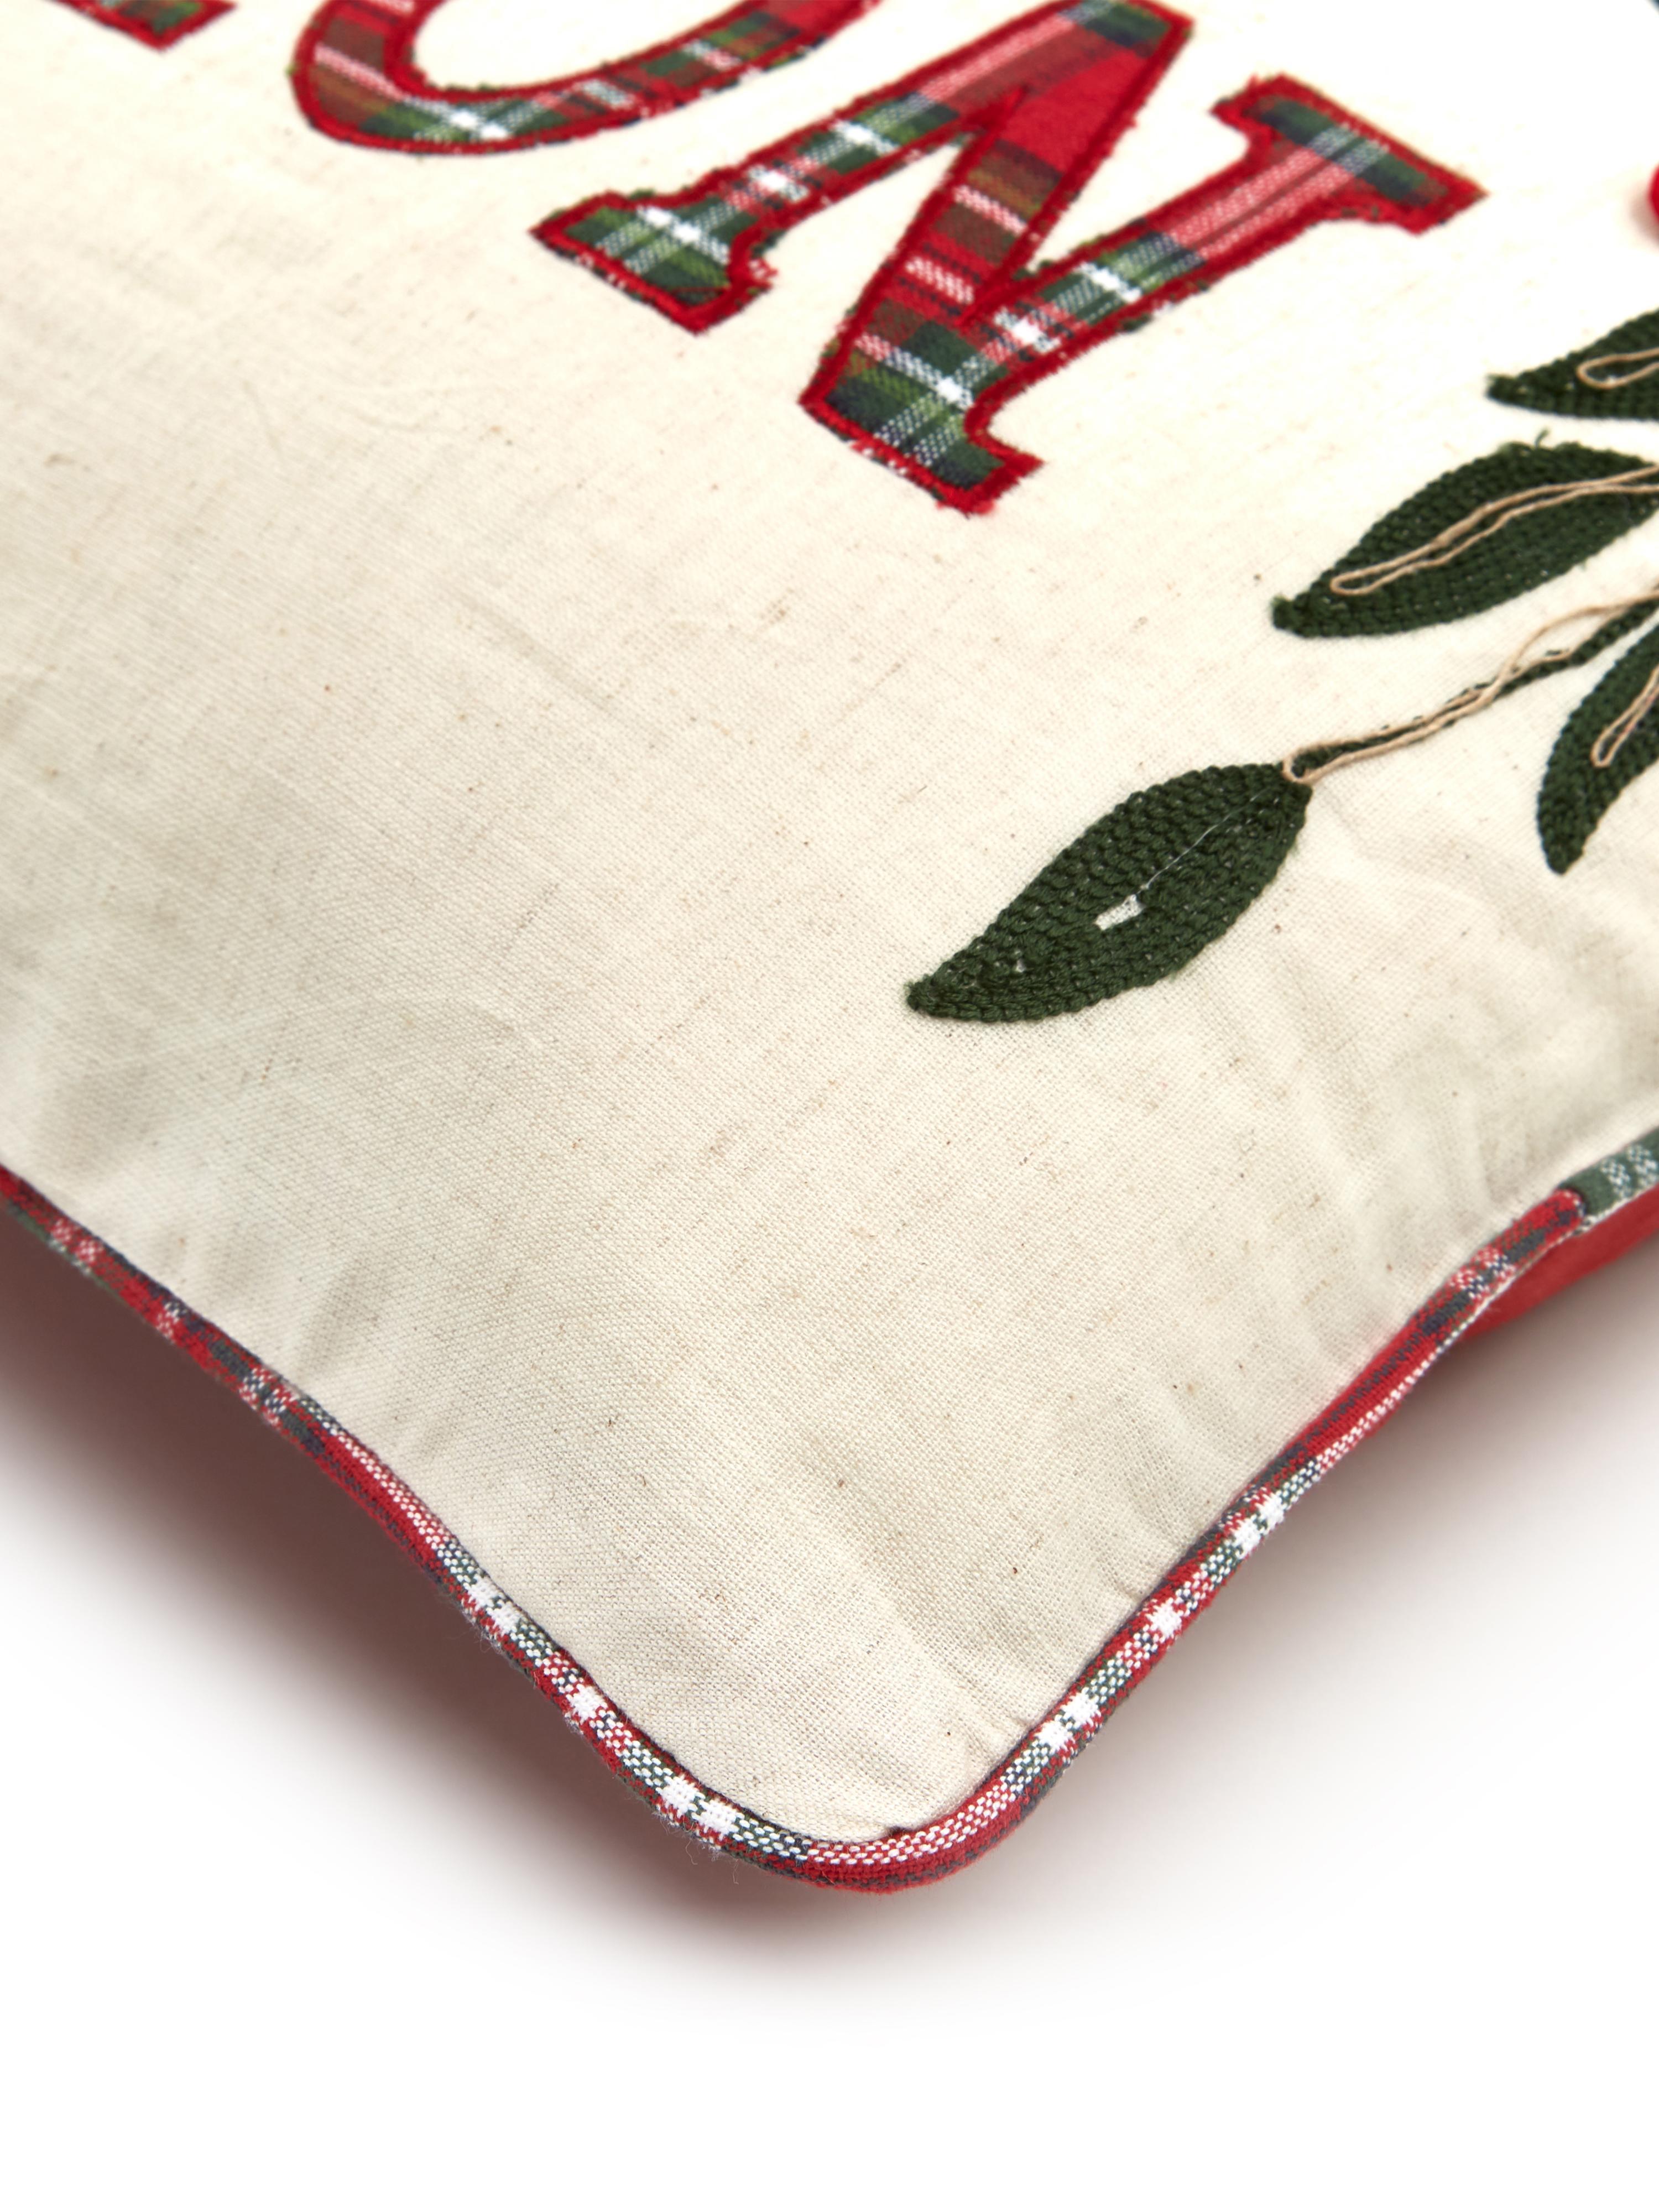 Bestickte Wendekissenhülle Kissenhülle Noel mit Schriftzug, Baumwolle, Vorderseite: Creme, Rot, Grün Rückseite: Rot, 45 x 45 cm